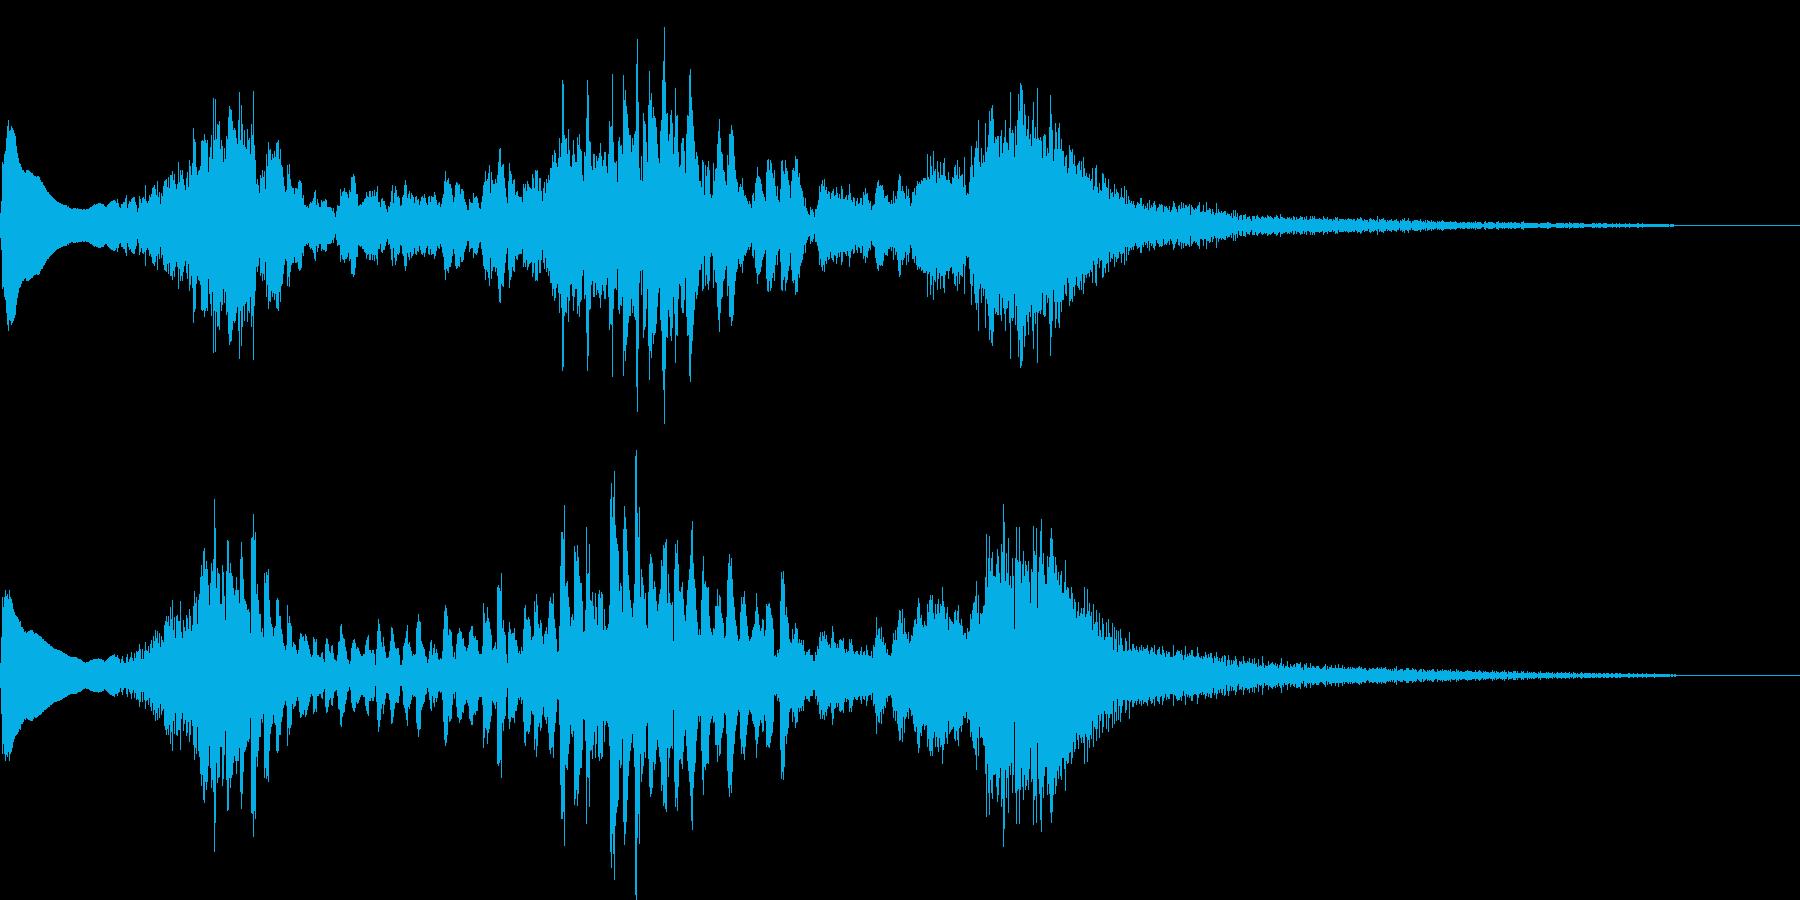 和風な琴のジングルの再生済みの波形